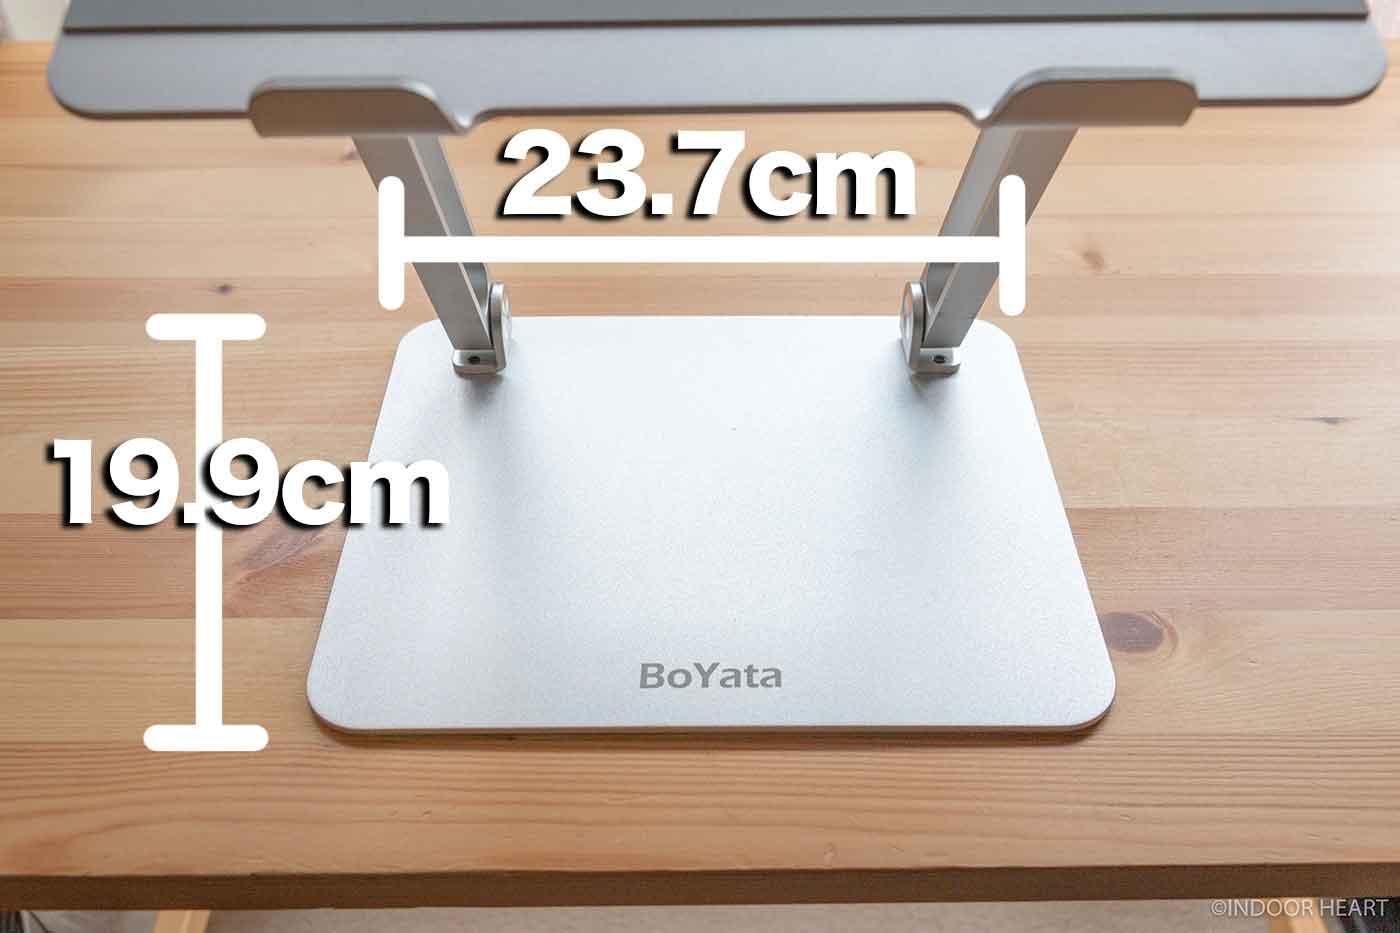 ノートPCスタンドの台座のサイズ